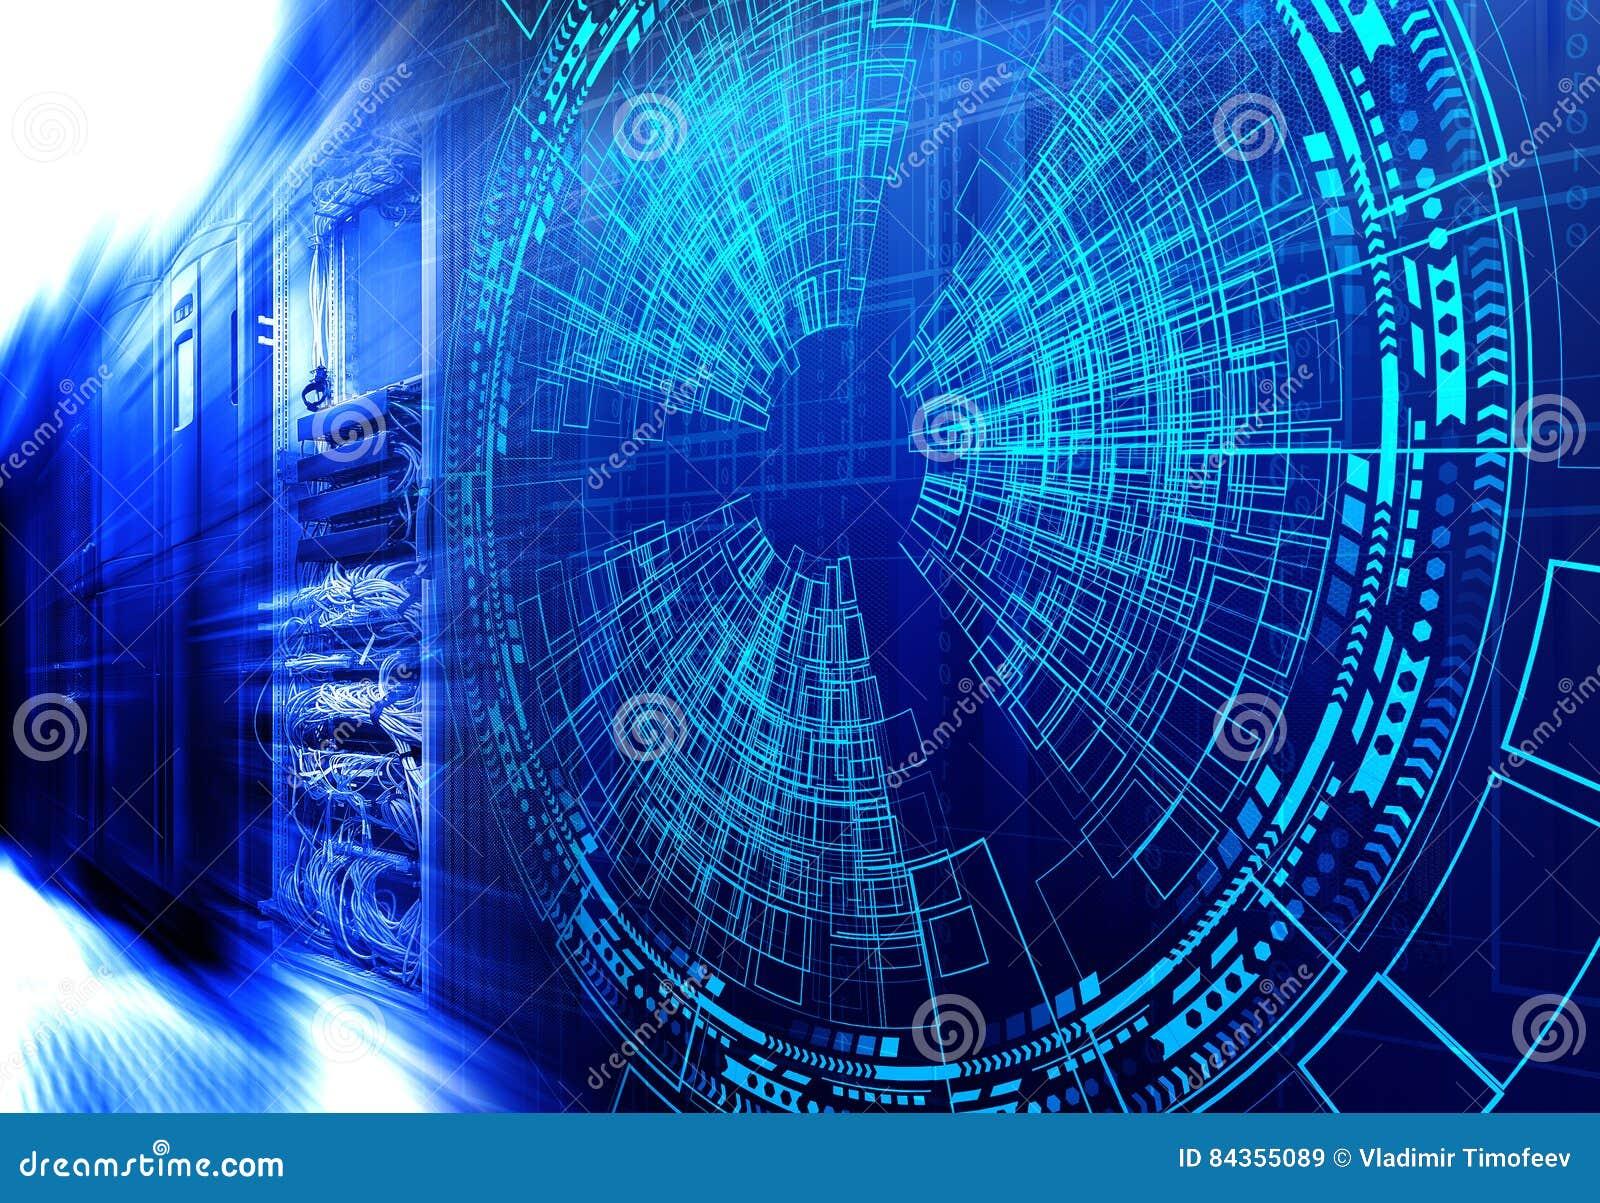 Nowożytna sieć interneta i sieci telekomunikacyjna technologia, dużego przechowywania danych obłoczny oblicza komputerowy poważny